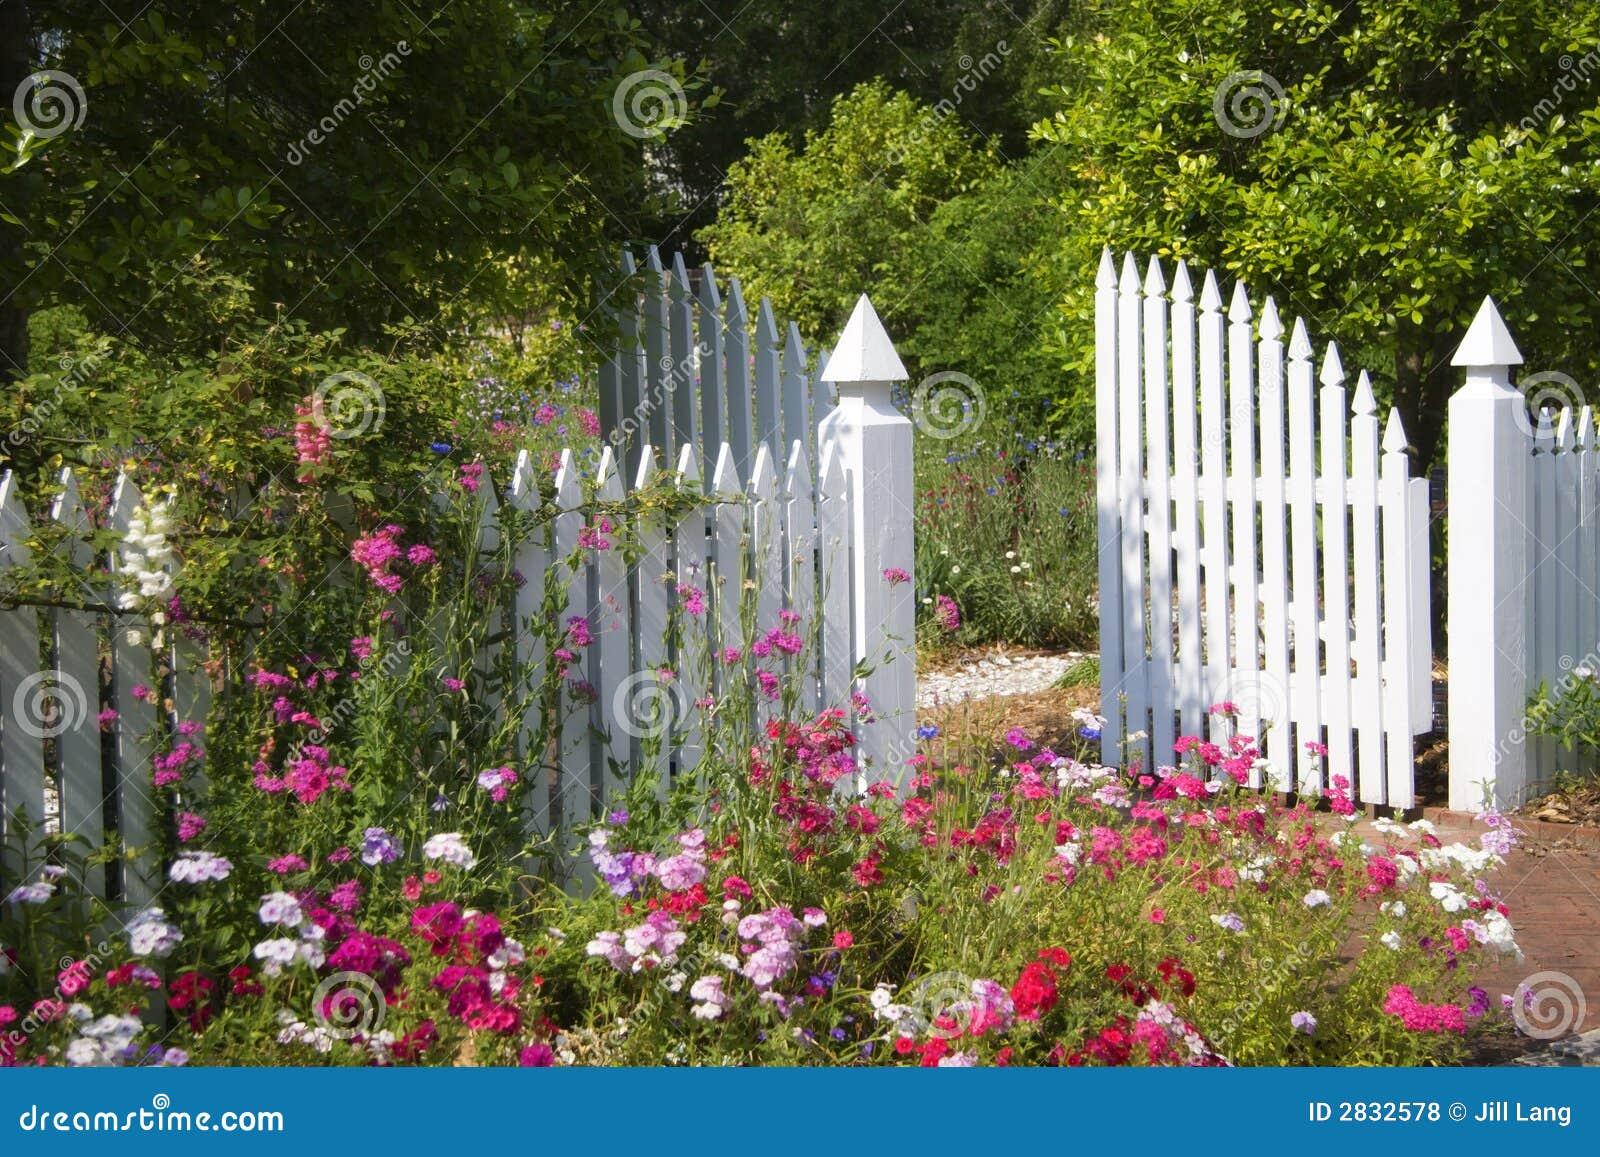 Garden Gate Royalty Free Stock Photos Image 2832578